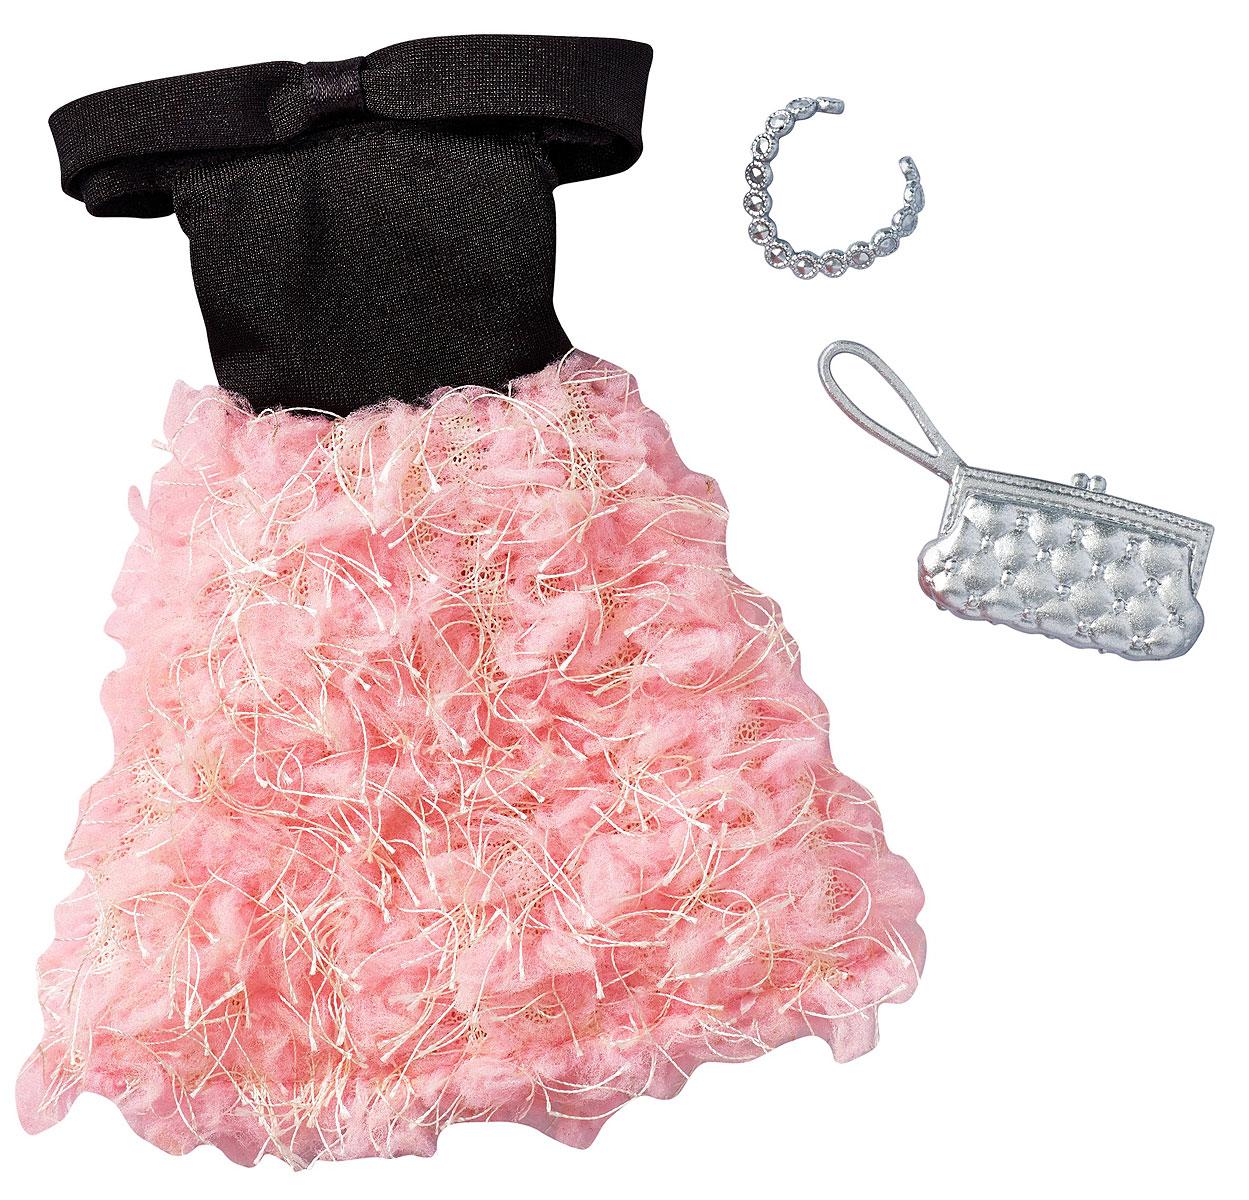 Barbie Платье для кукол Girly FrillyFCT22_DXB03Пусть ваша кукла Barbie (продается отдельно) затмит всех своим ослепительным нарядом и изящными аксессуарами. Откройте в себе талант стилиста и придумайте оригинальную историю с помощью этого набора. Дополните великолепное платье идеальной сумкой и уникальным украшением. Выведите свою куклу Barbie в высший свет: она будет блистать как на дружеской вечеринке, так и на официальном приеме. Бесконечные возможности самовыражения вместе с Barbie! Соберите все наряды и аксессуары для своей куклы Barbie и создавайте неожиданные и смелые сочетания. В наборе одно платье, одна сумка и одно украшение.